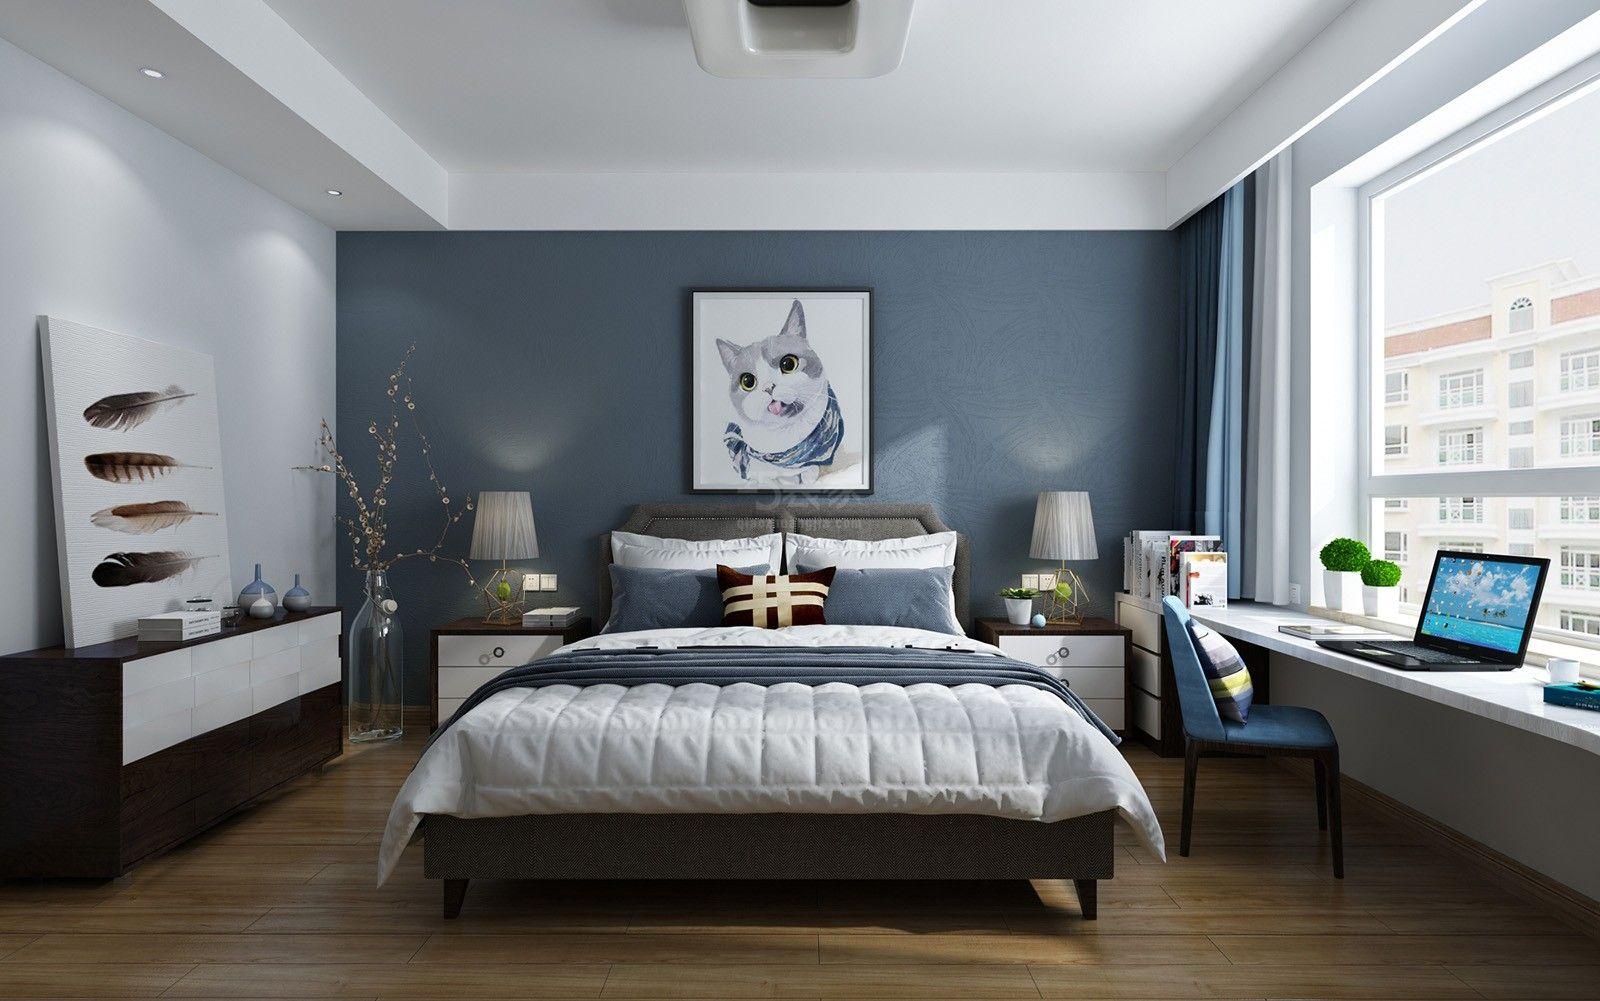 今朝装饰 西安装修 装修案例 卧室图片来自西安今朝装饰小何在合能公馆95平北欧风格装修案例的分享